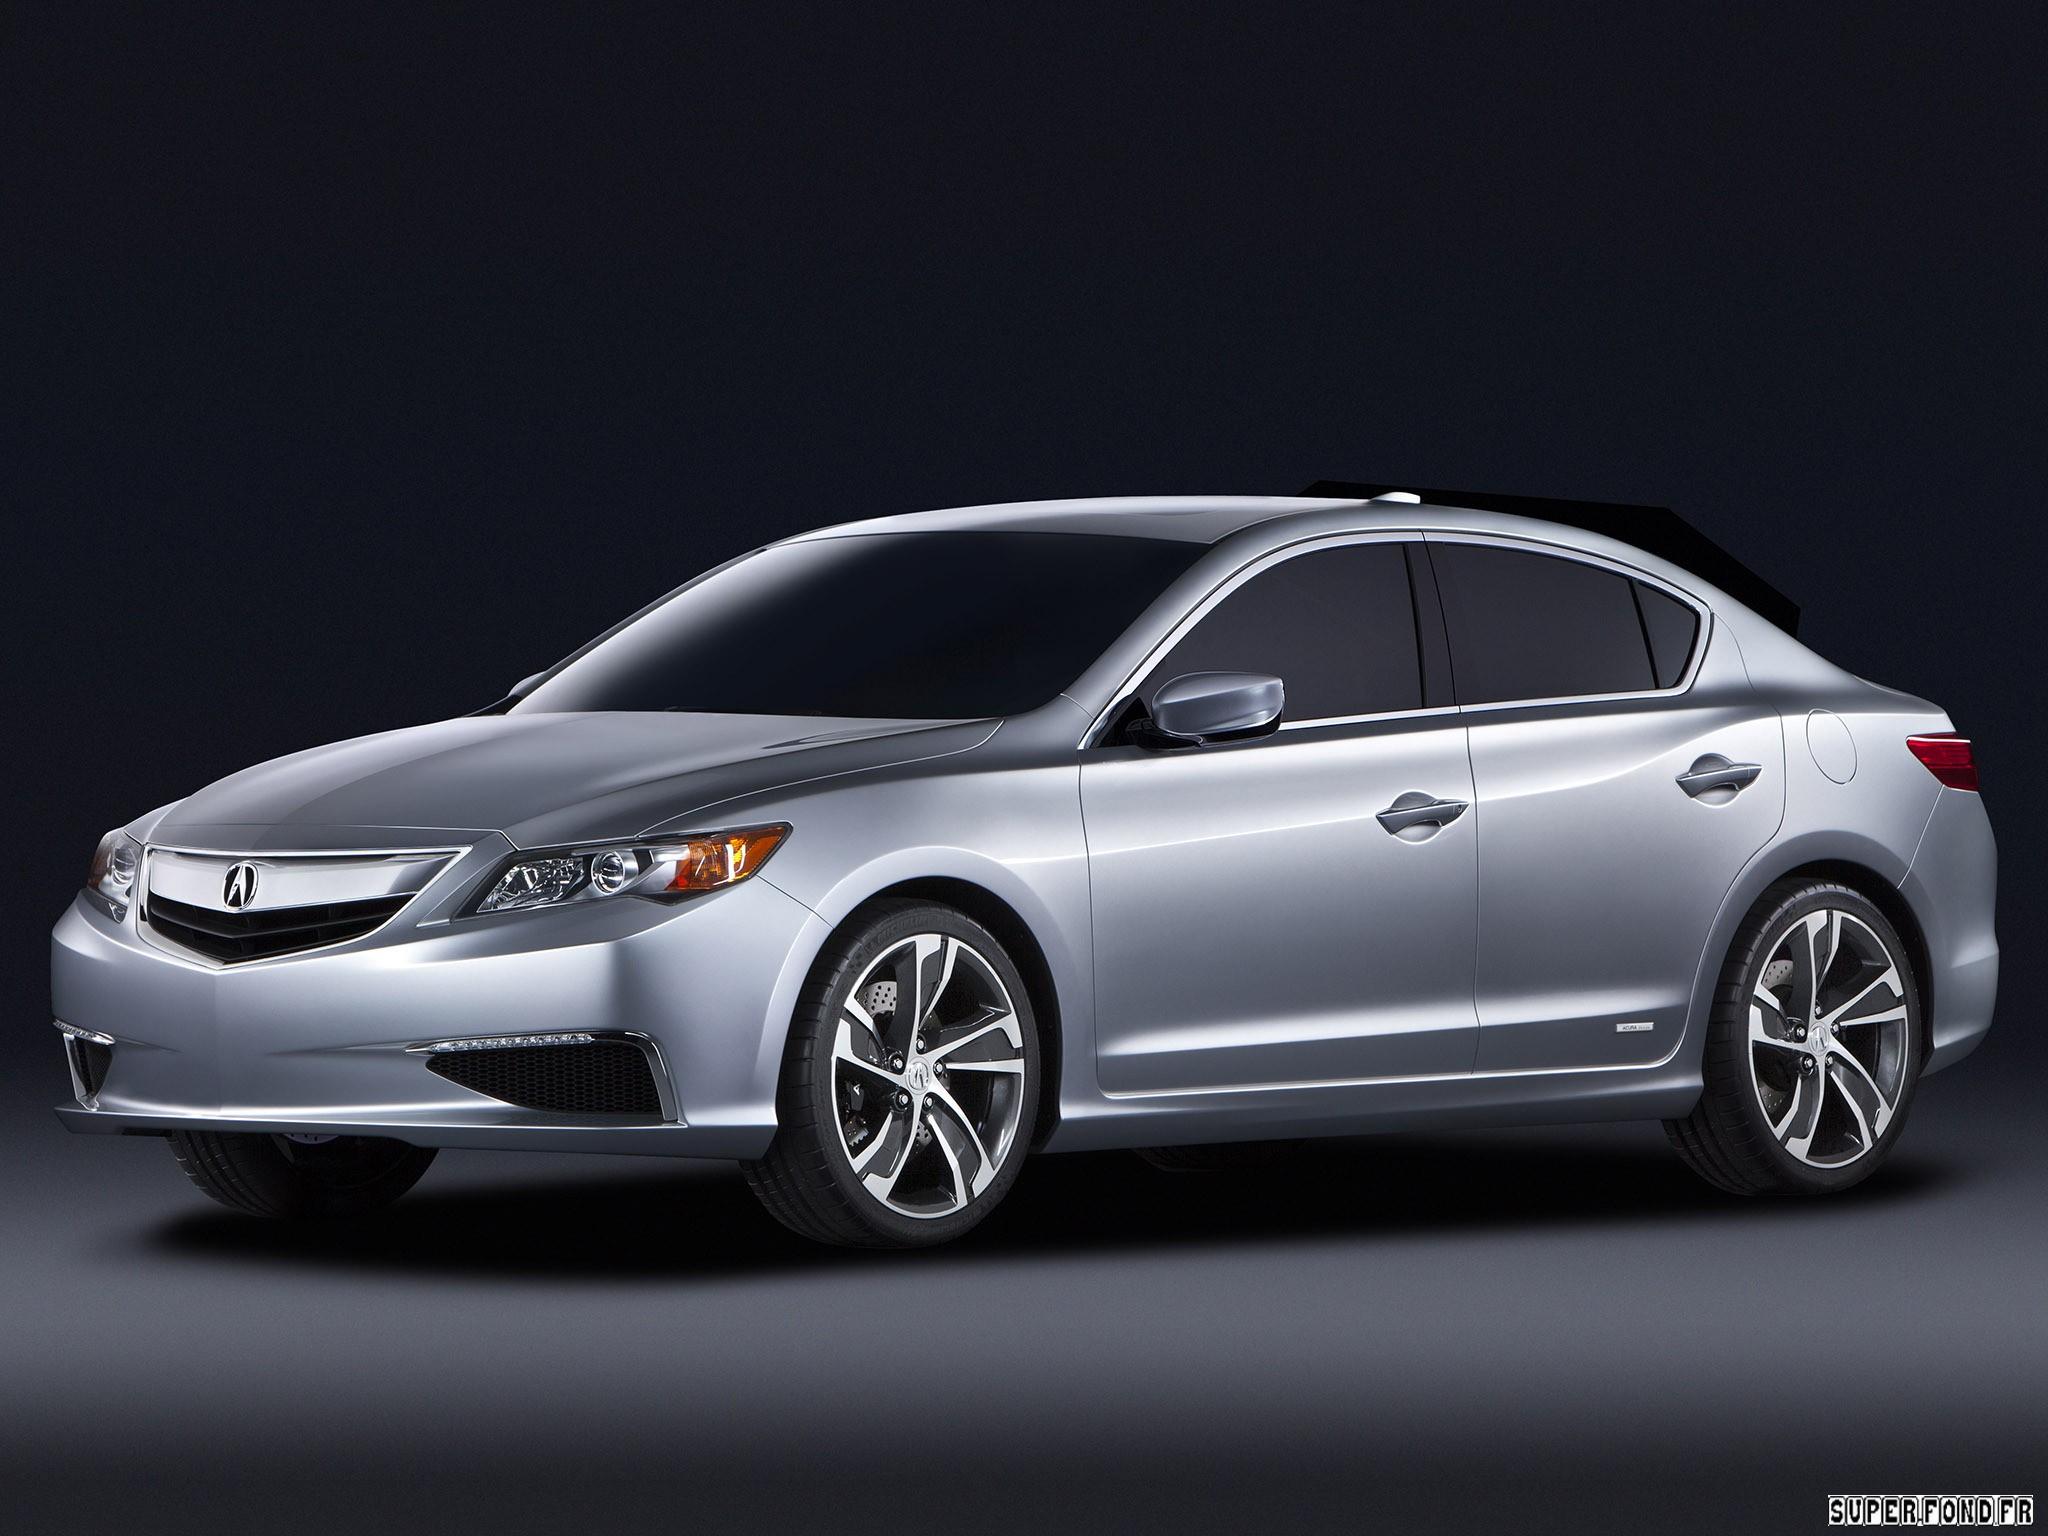 2012 Acura ILX Concept